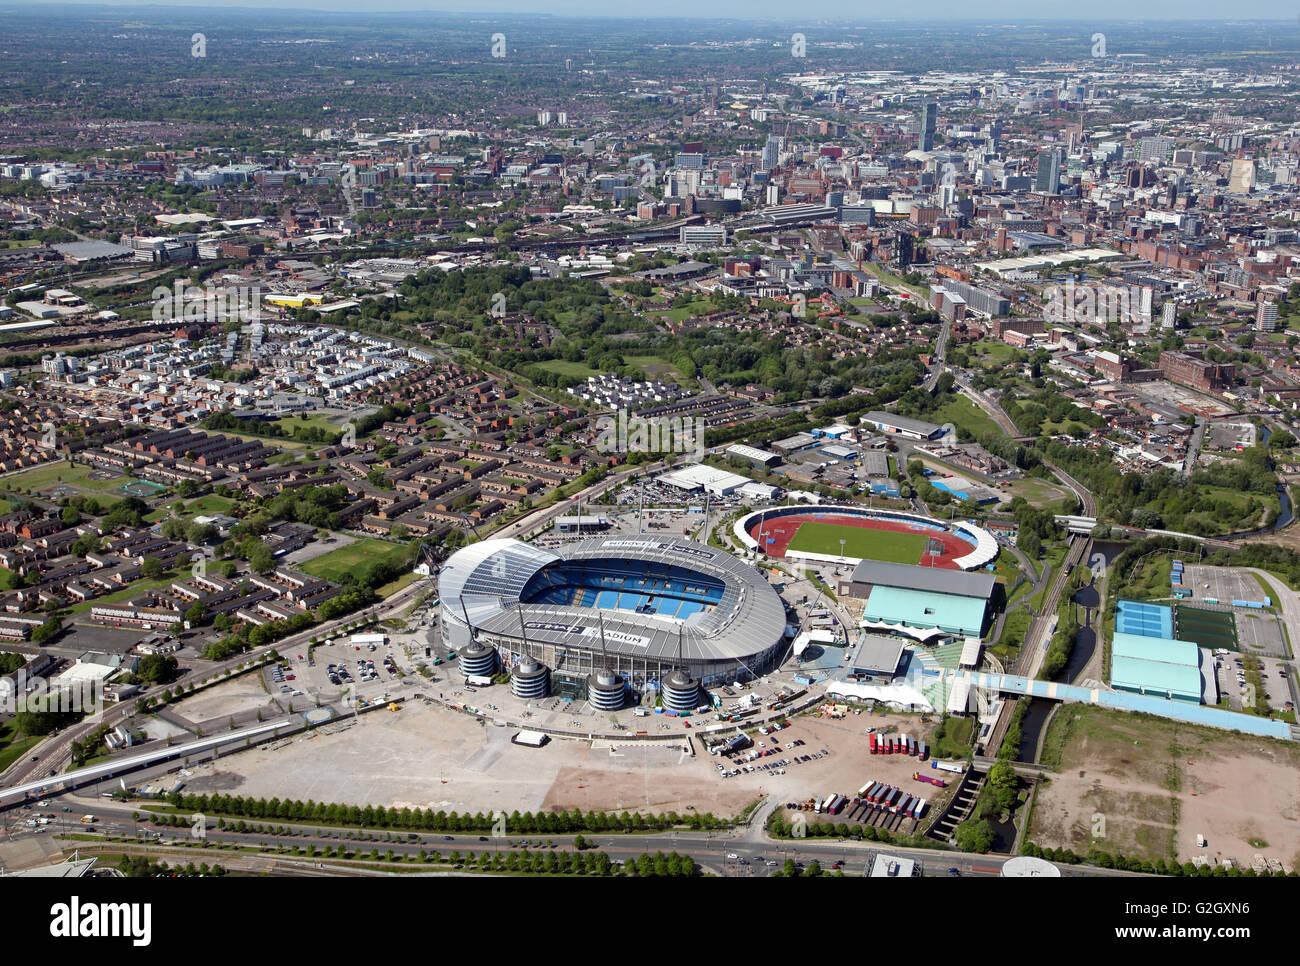 Vista aerea del Manchester City Football Academy, Etihad Stadium e Manchester centro regionale, REGNO UNITO Immagini Stock